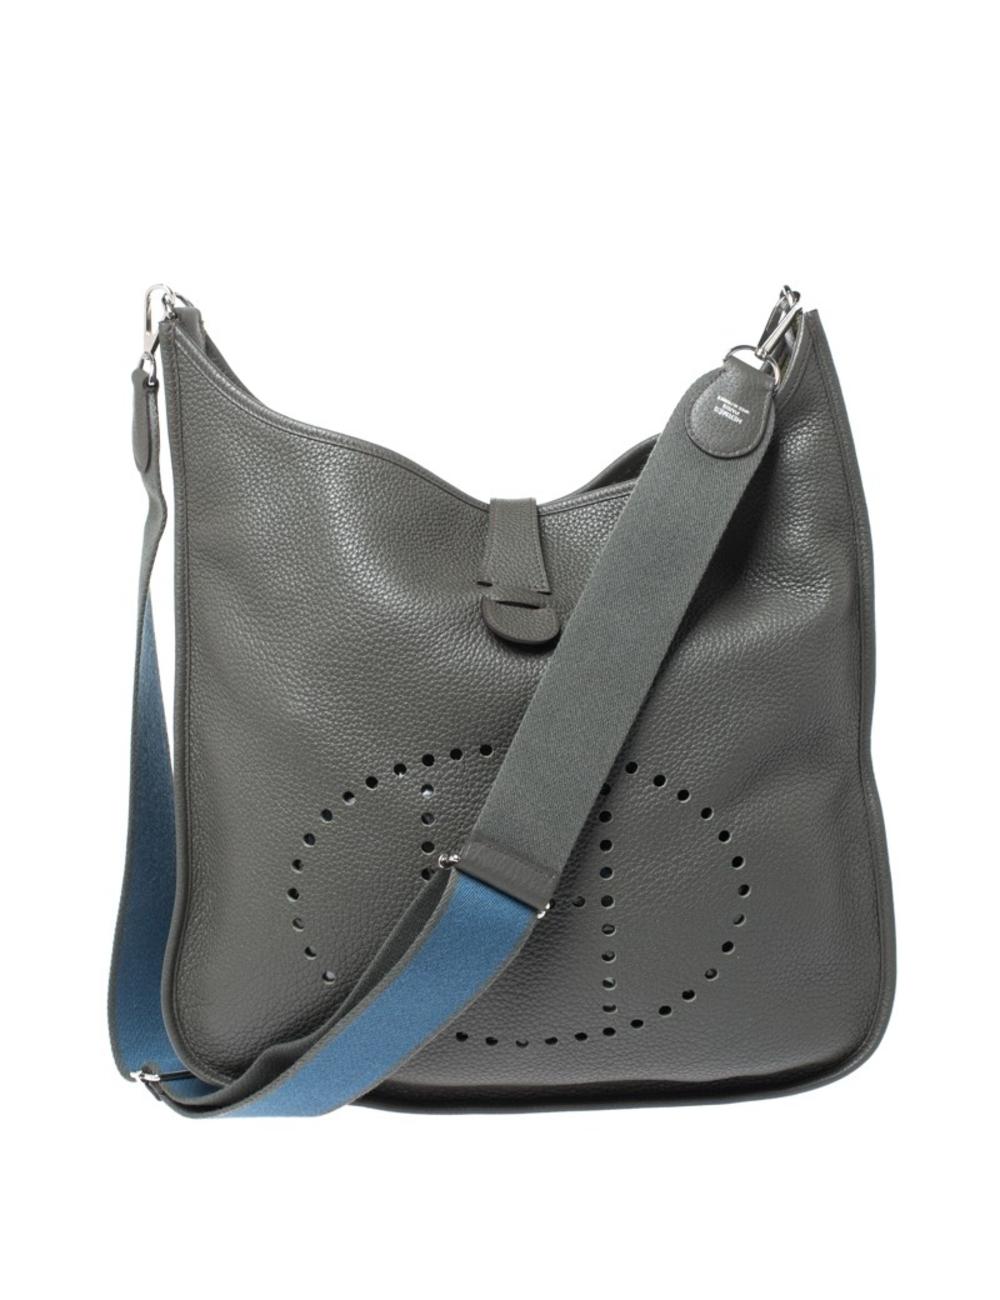 愛馬仕(Hermes)是一個提供具有藝術和創造力的設計的品牌,而這伊芙琳(Evelyne)只是另一個證明。這件作品是經典款,以皮革製成,散發出迷人的灰色,並配有可調節的肩帶。袋子足夠寬敞,可以容納您的